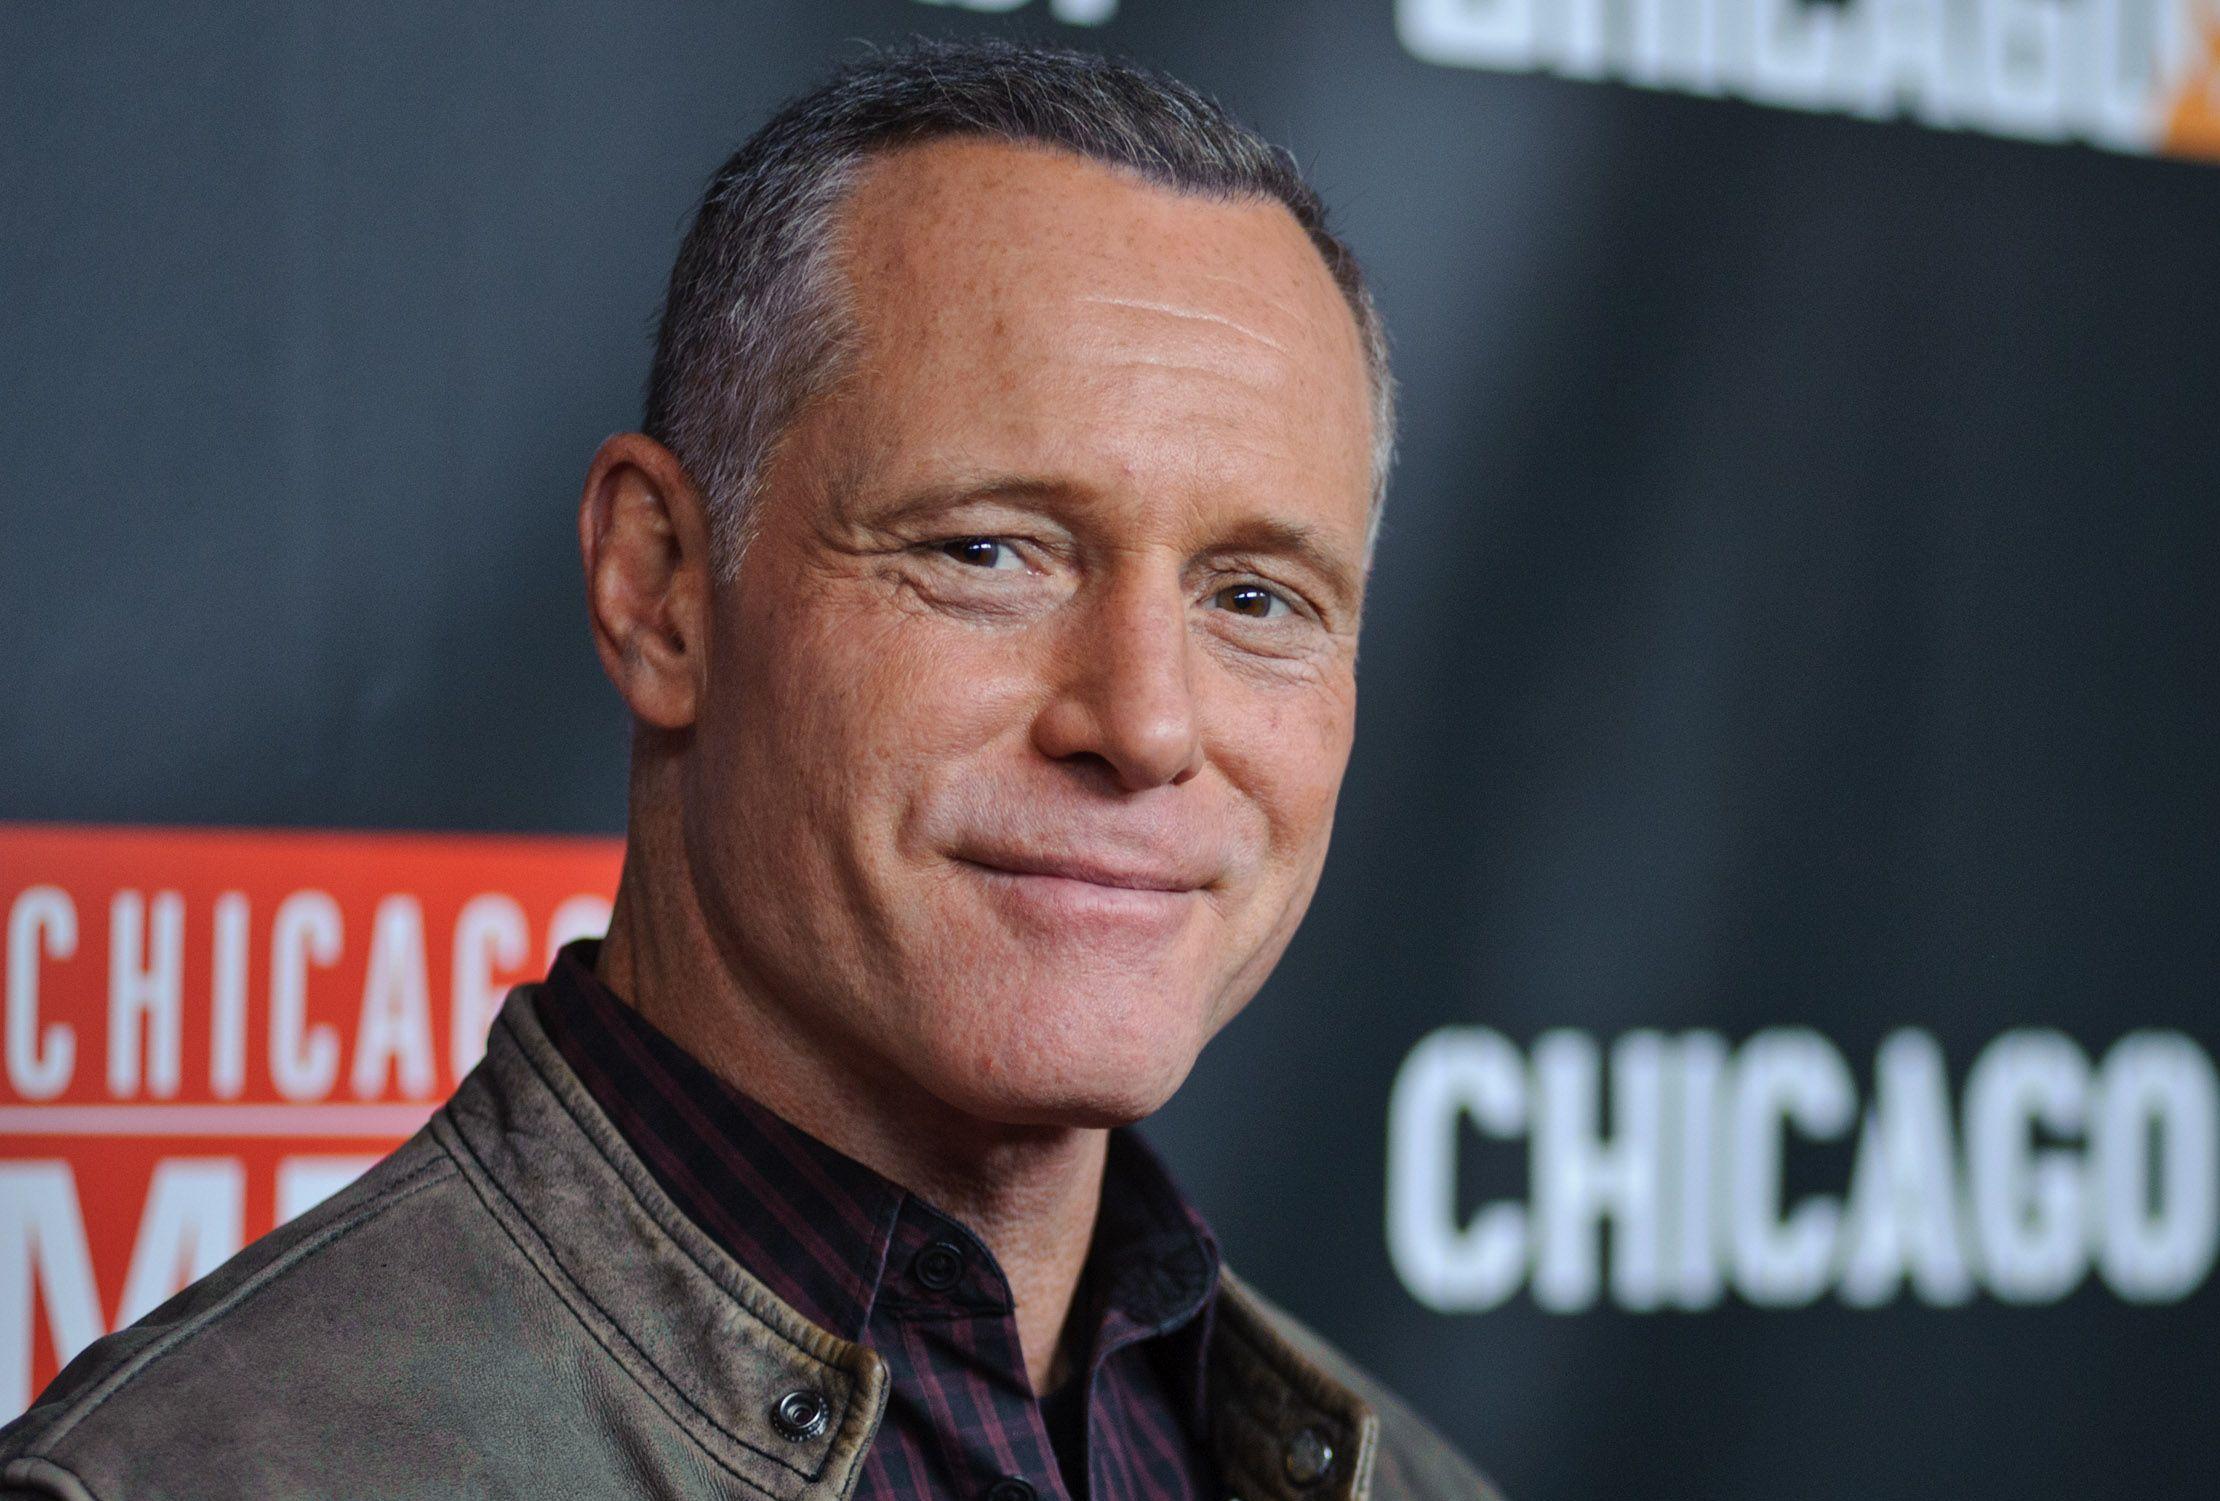 Jason Beghe o Chicago PD: Podskórnie czuję, że Hank z trudem odnajdzie się w nowej policyjnej rzeczywistości [WYWIAD]